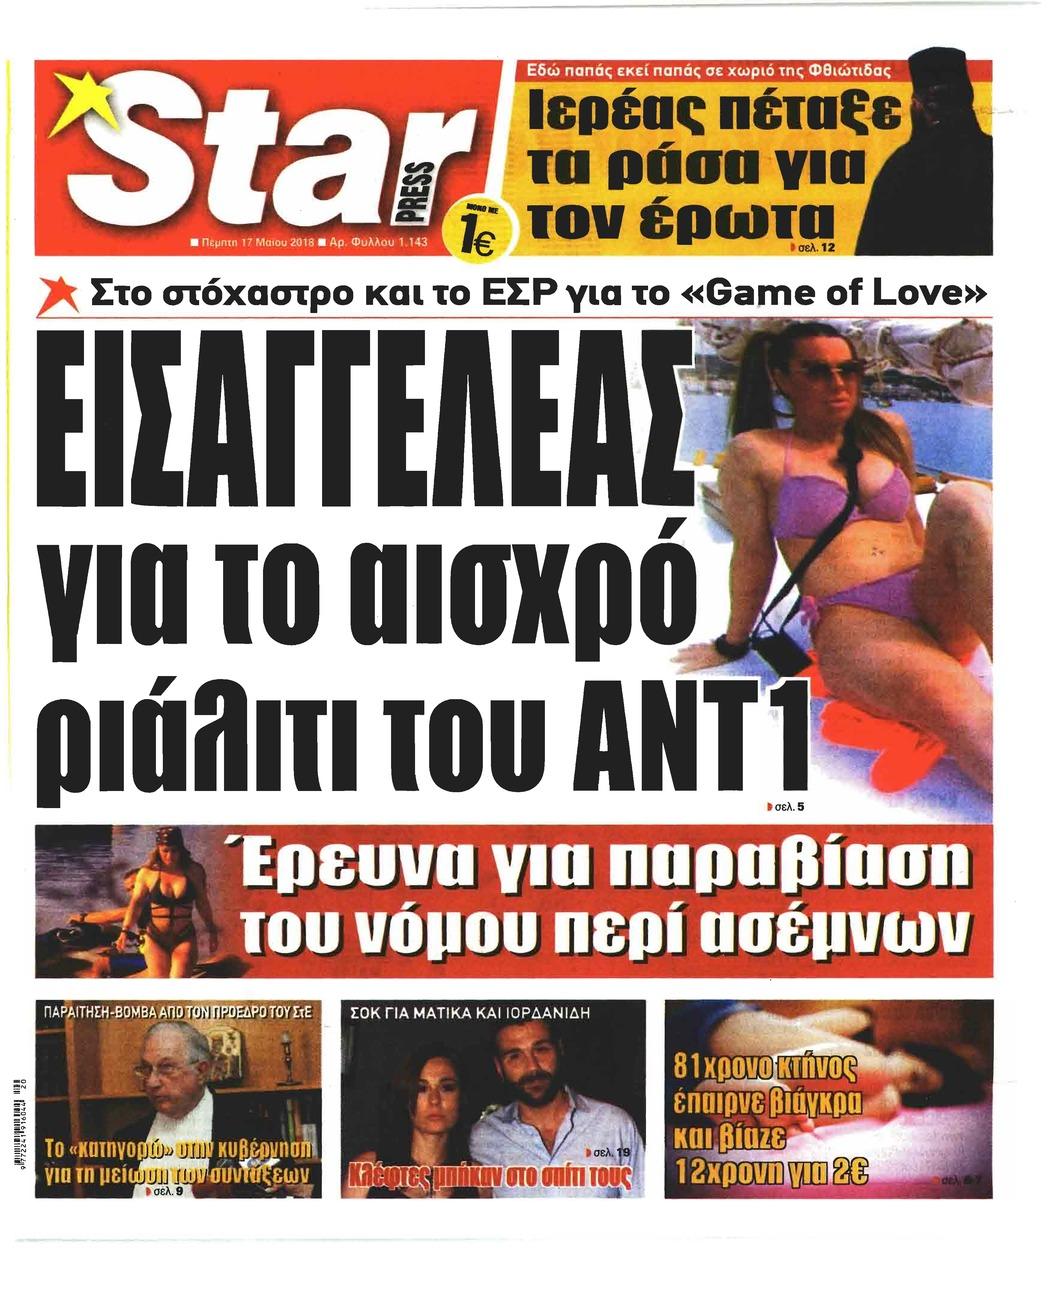 Πρωτοσέλιδο εφημερίδας Star Press